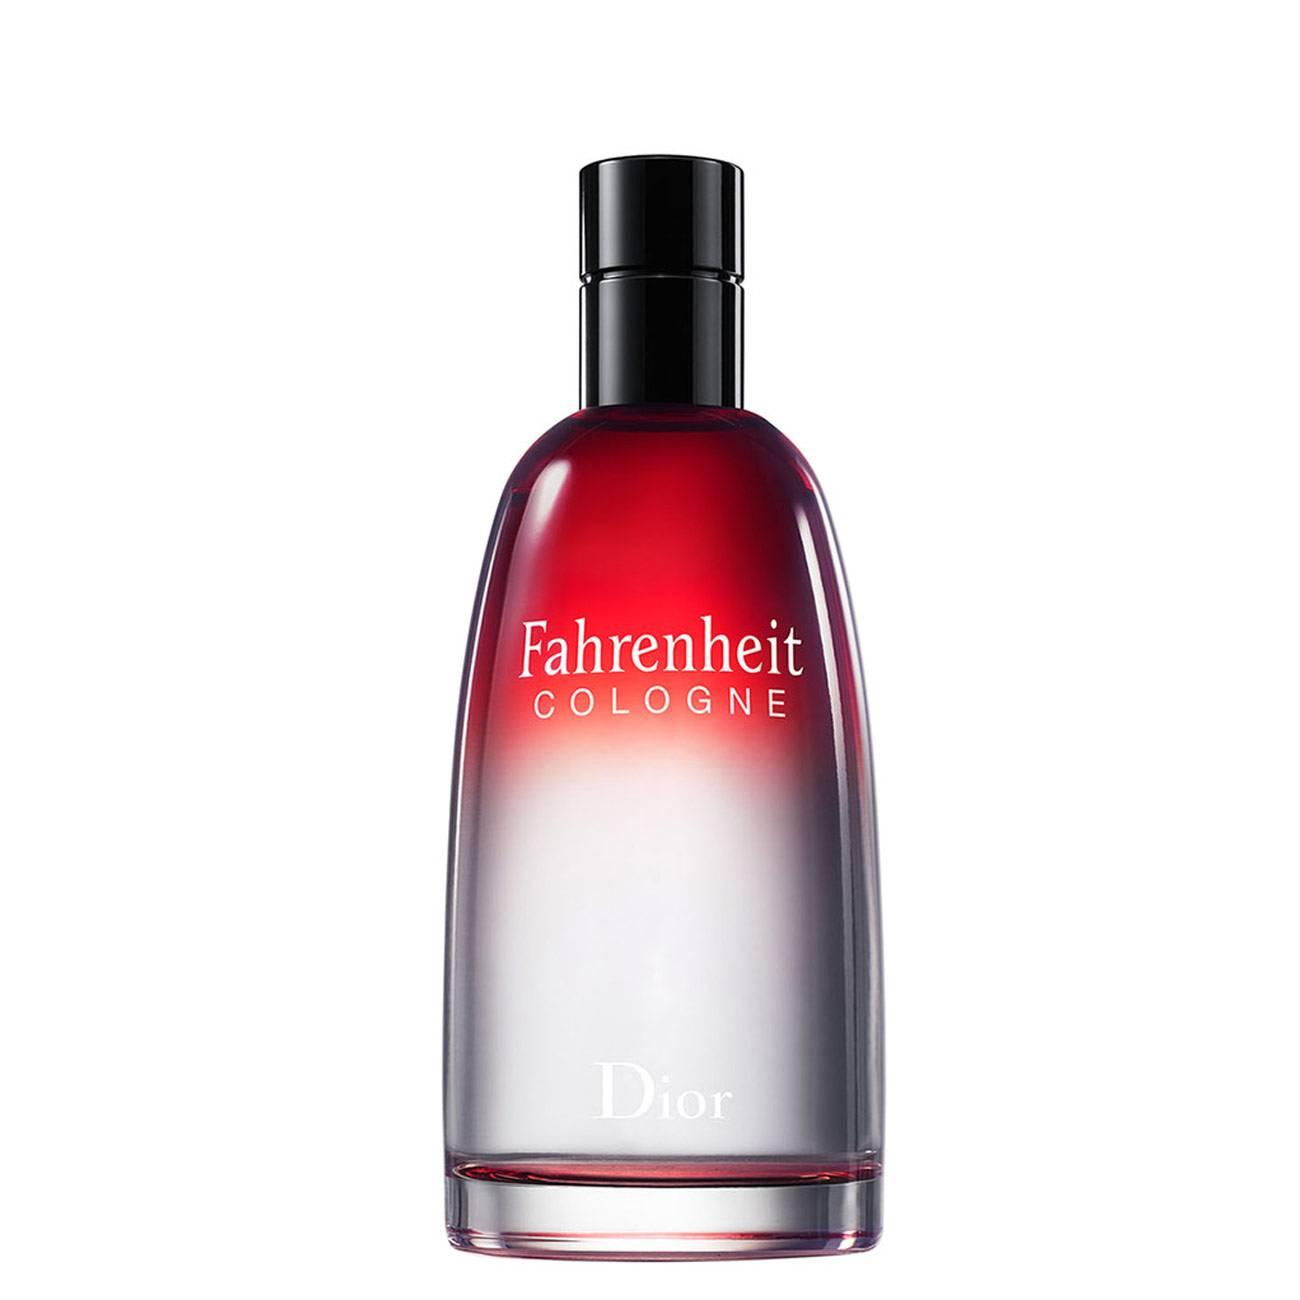 Fahrenheit 125ml Dior imagine 2021 bestvalue.eu